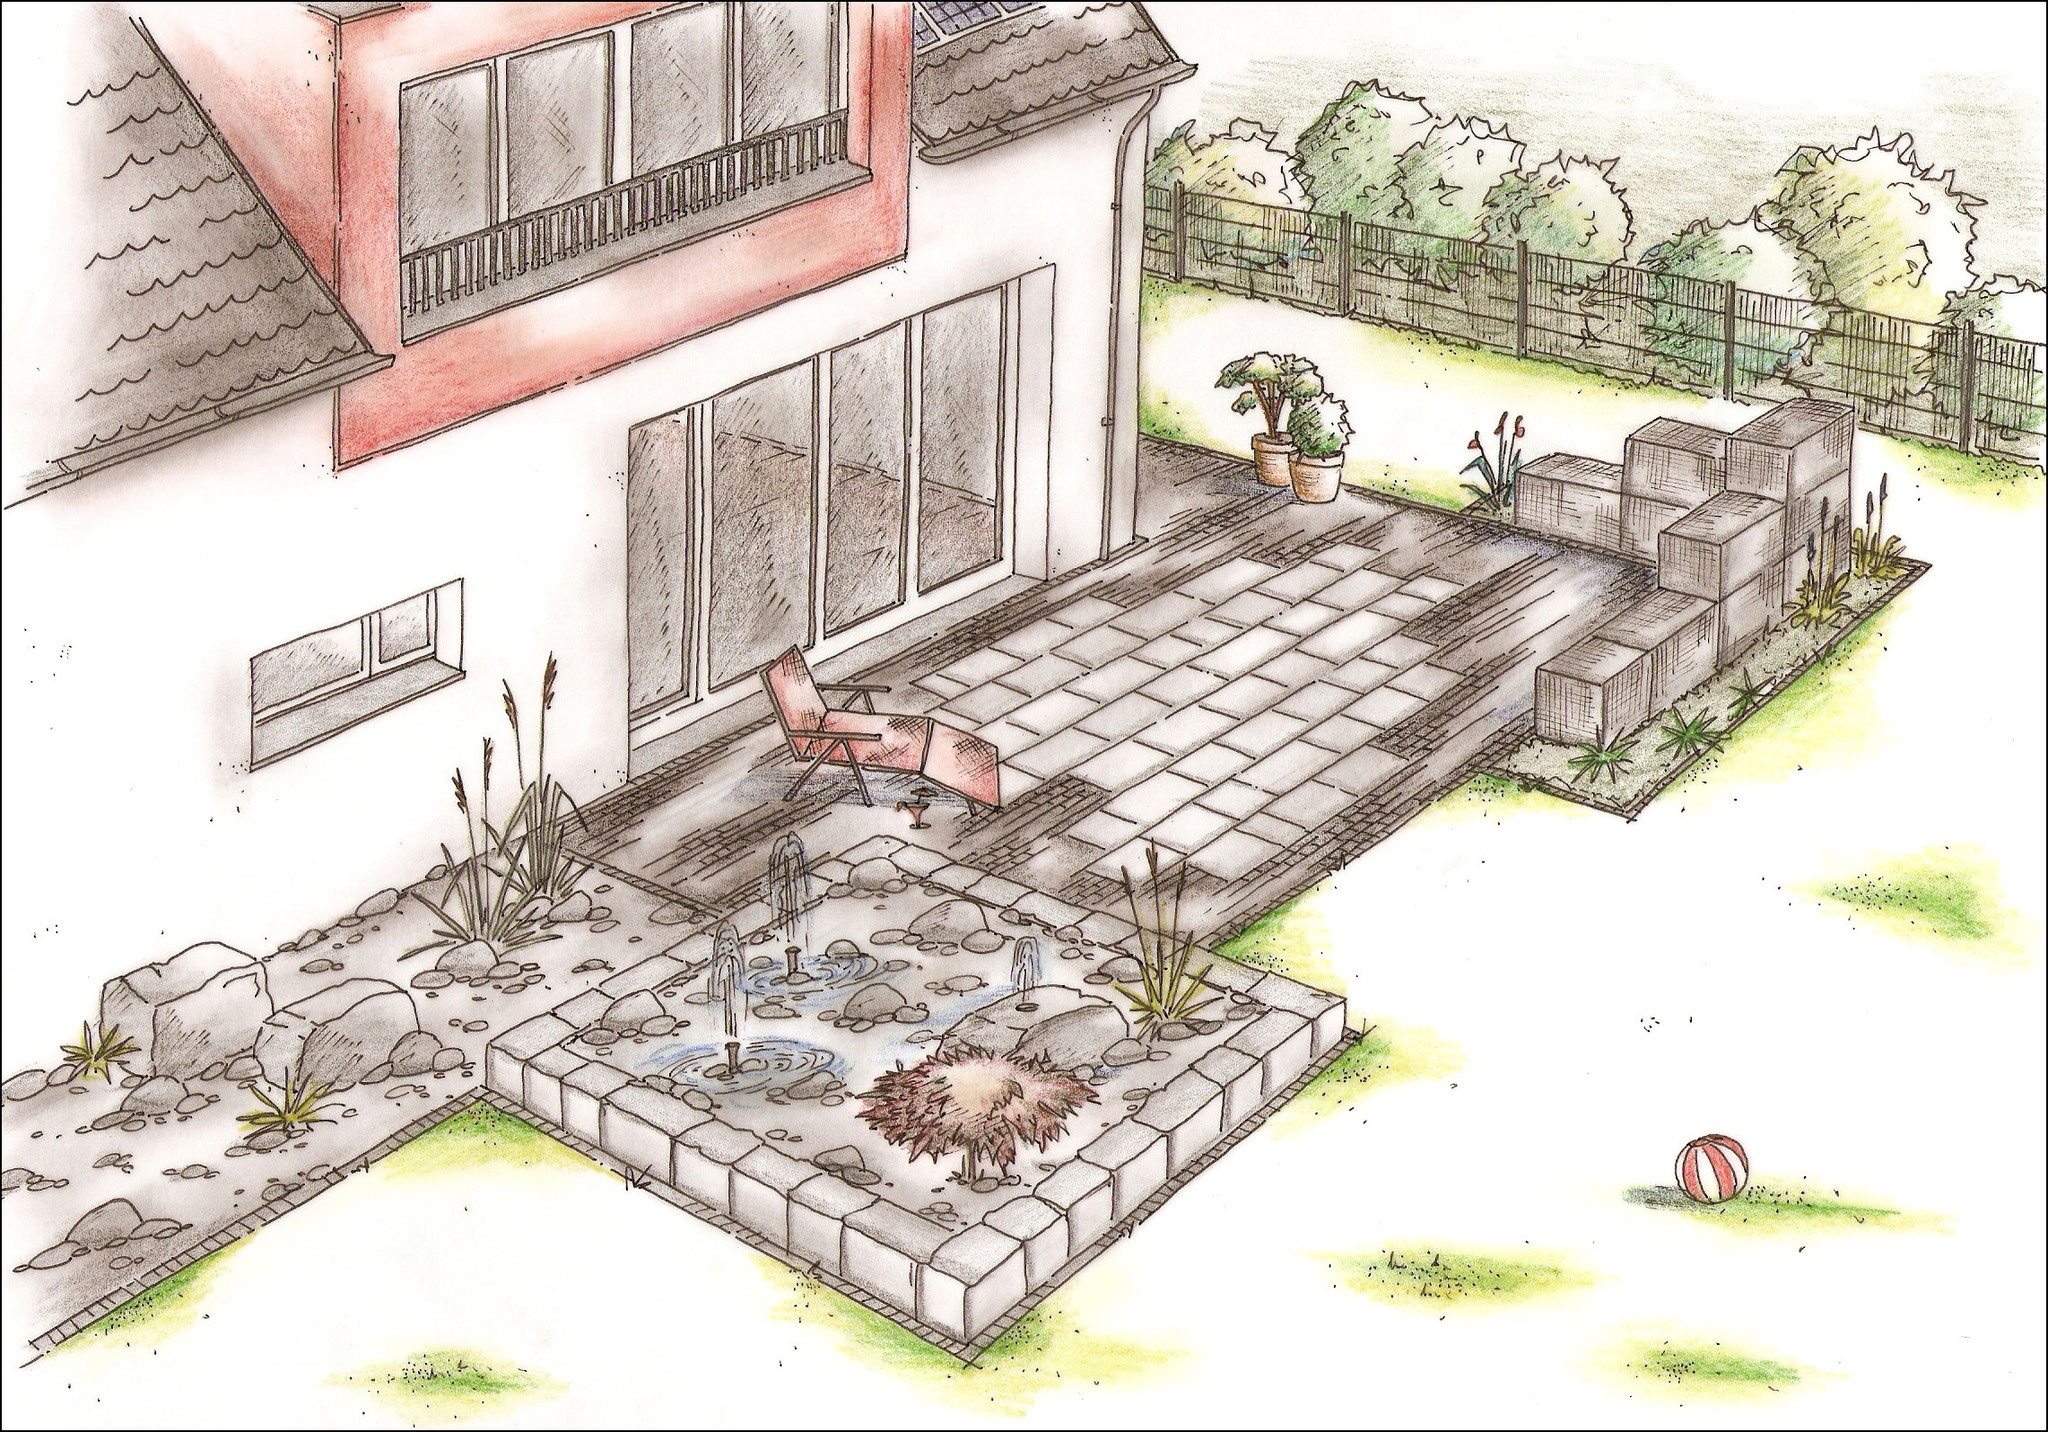 Schlicht gartenplanung galerie torsten schlicht gartenplanung visualisierung hannover - Gartenplanung hannover ...